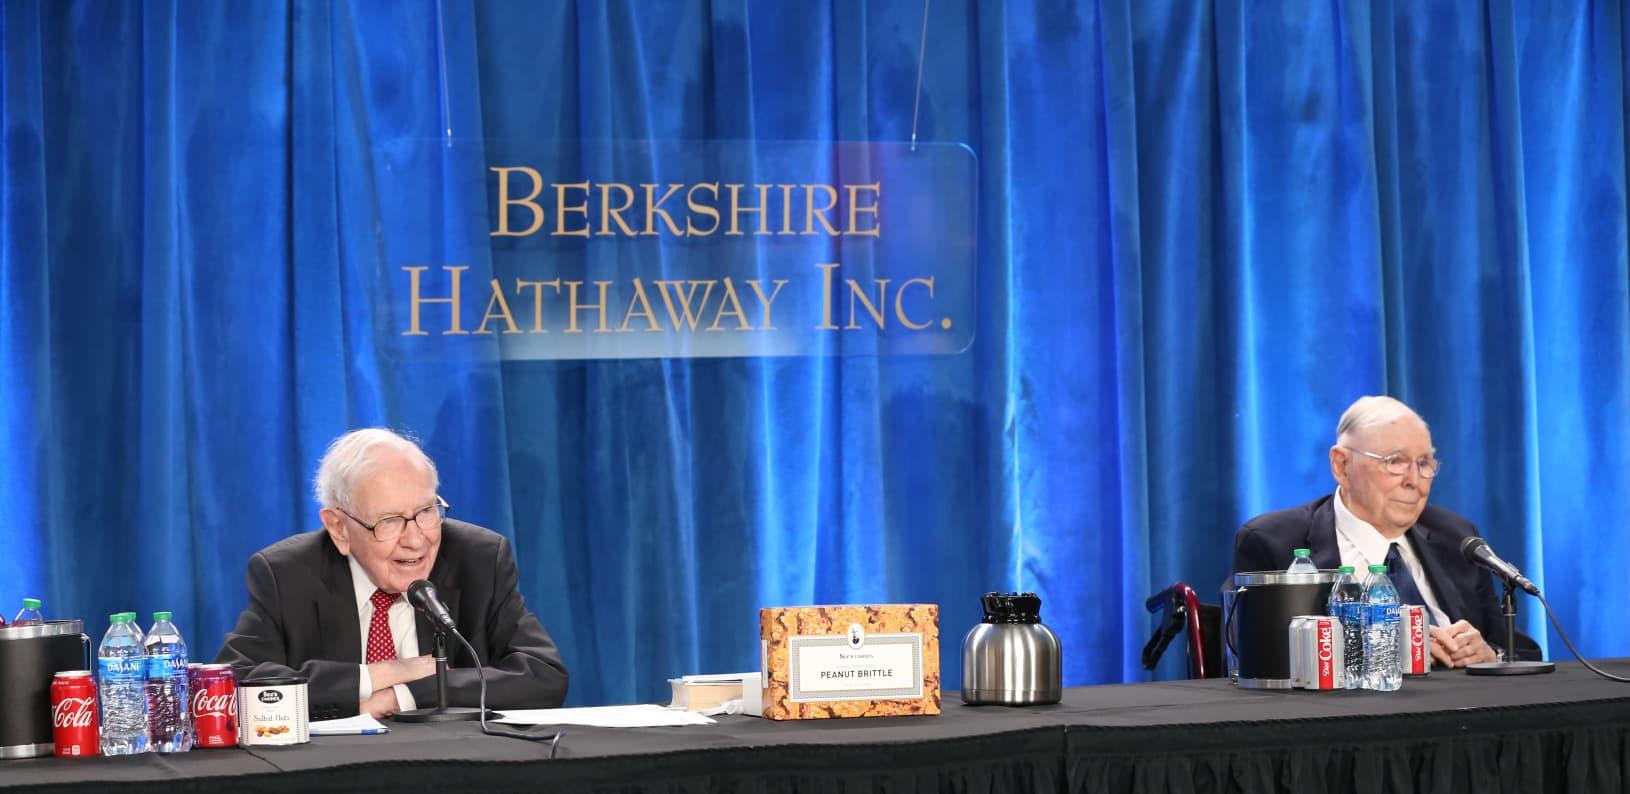 Phó tướng của Warren Buffett: Bitcoin là thứ 'ghê tởm và đi ngược với văn minh nhân loại' - Ảnh 1.